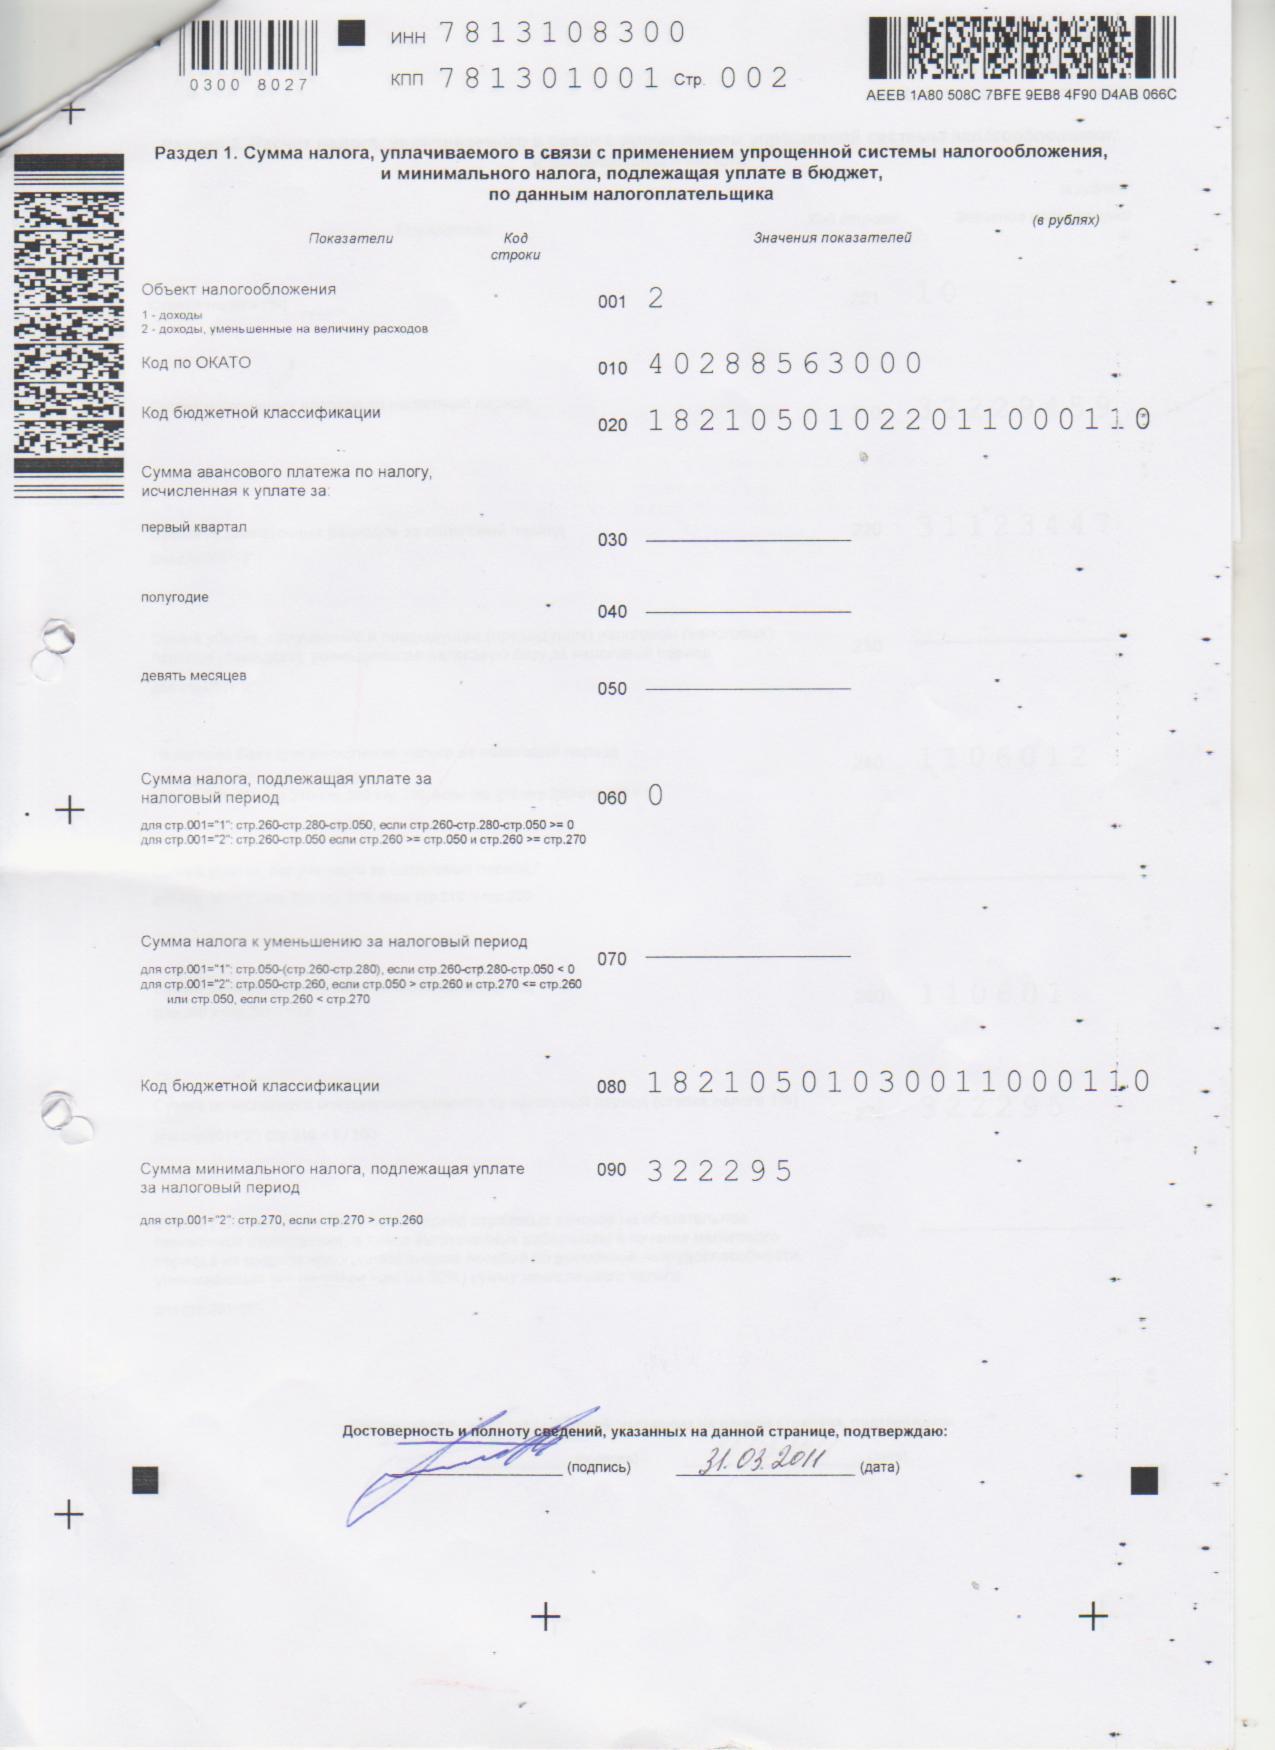 Декларация УСН 2010 стр 2